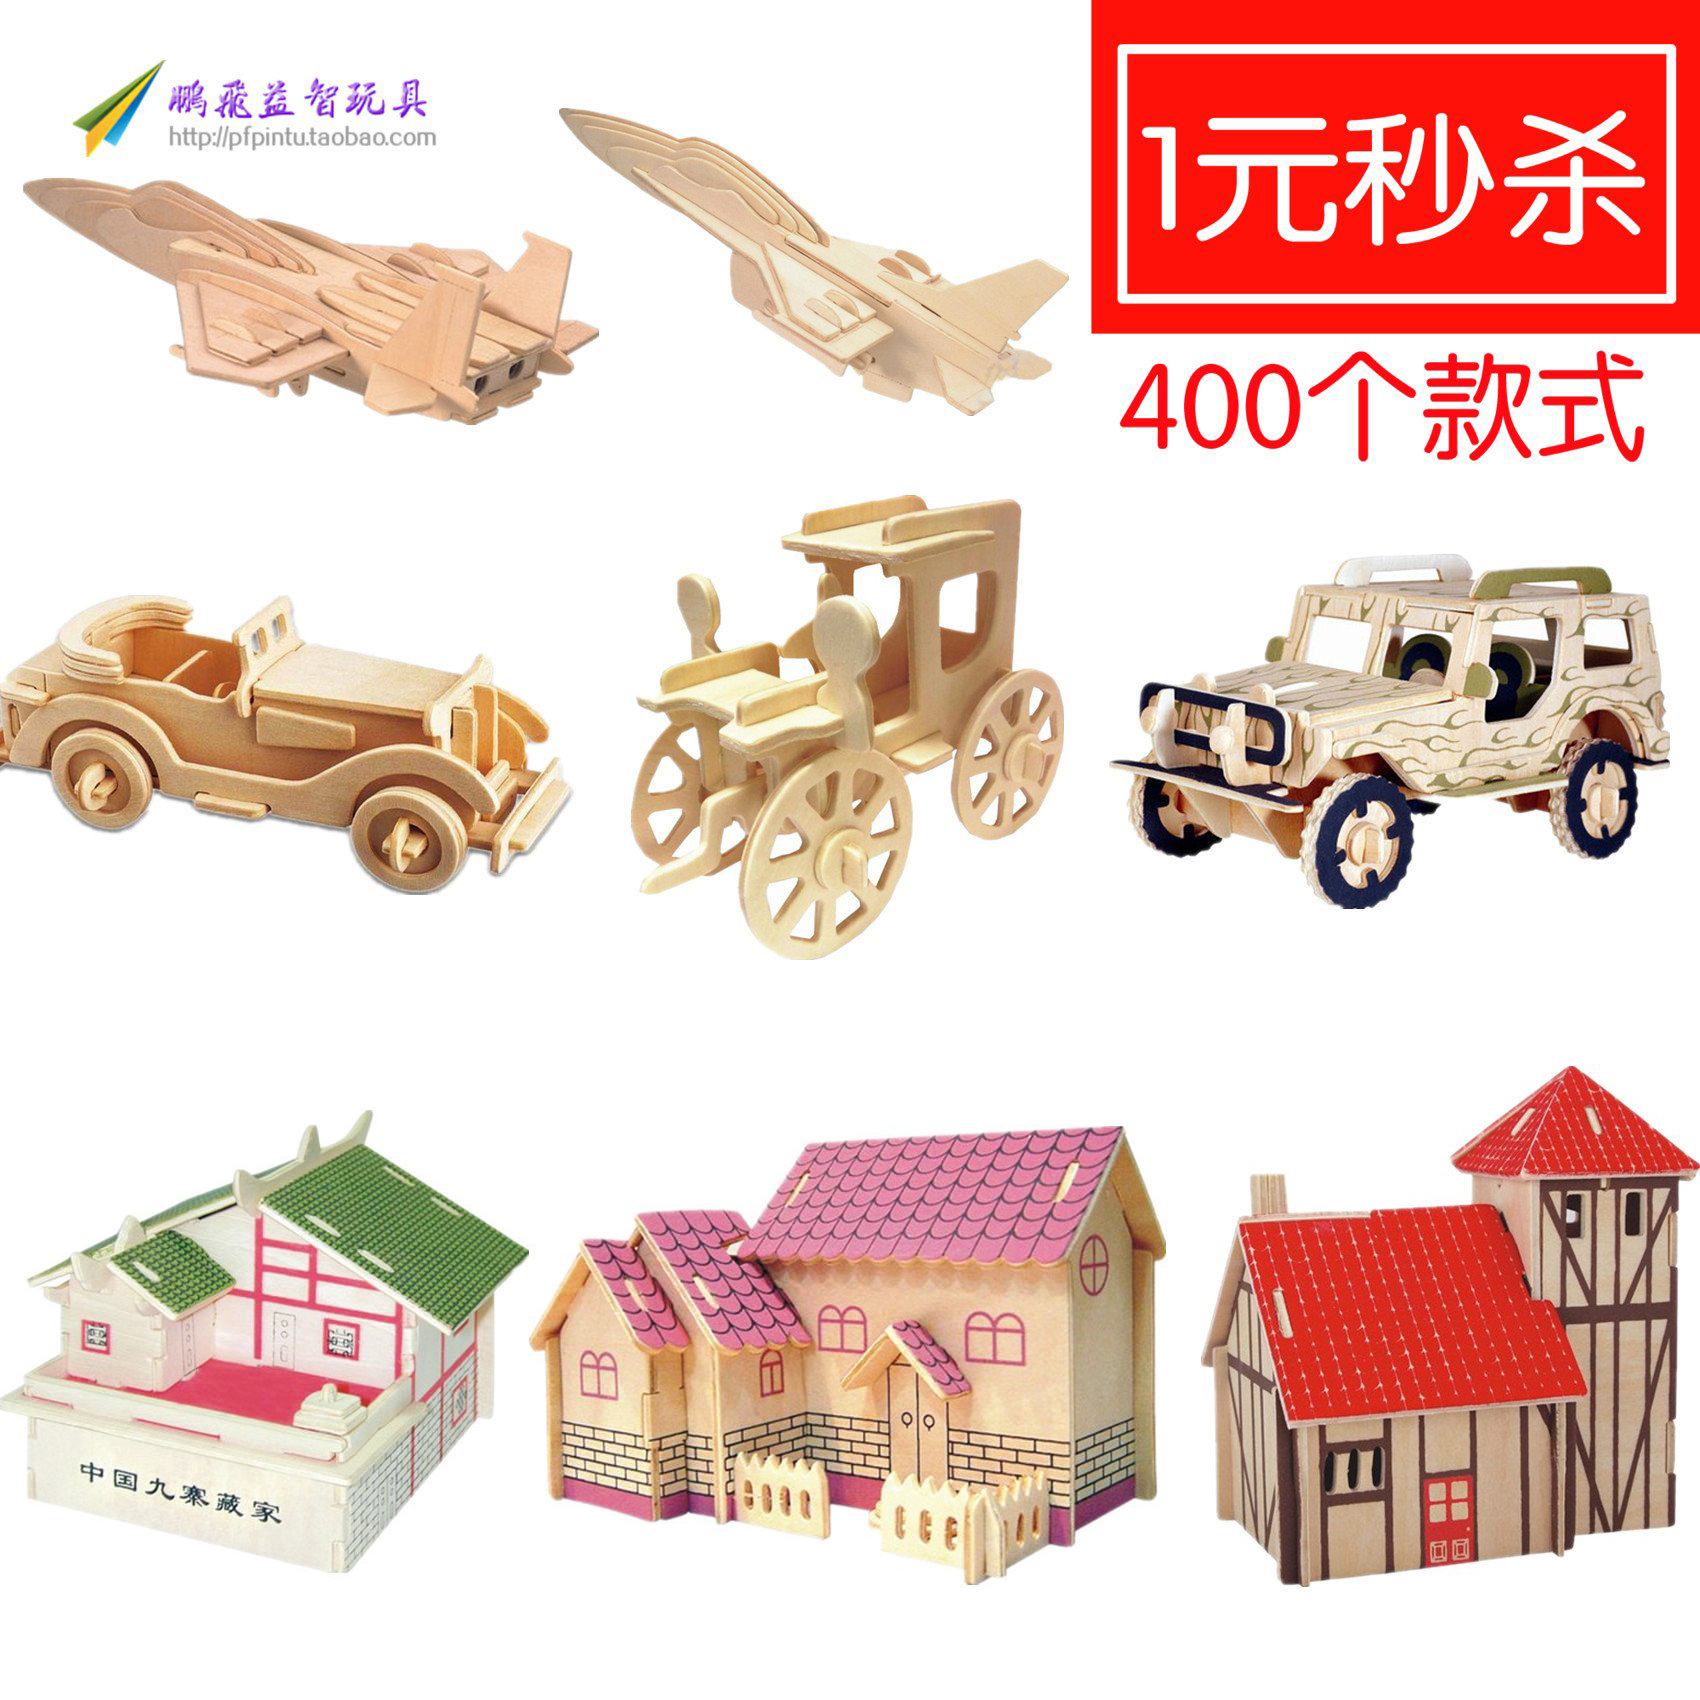 儿童益智玩具3d木质立体拼图木制建筑小屋拼装模型车飞机房子拼板